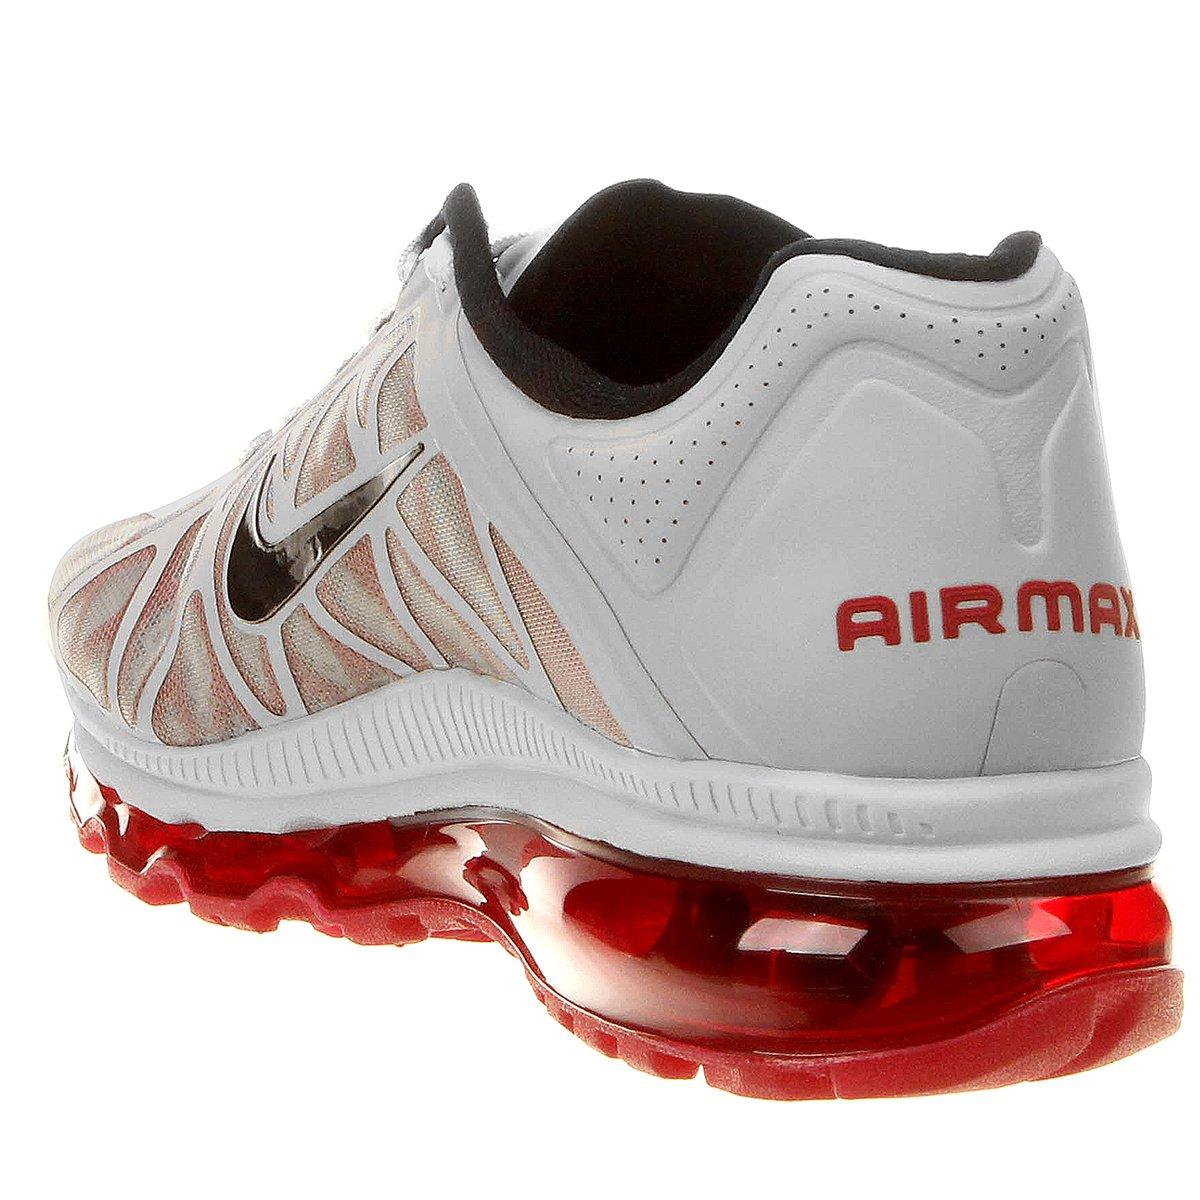 ... Tênis Nike Air Max 2011 - Compre Agora Netshoes aca8da20d40385 ... 067e697fe08e3